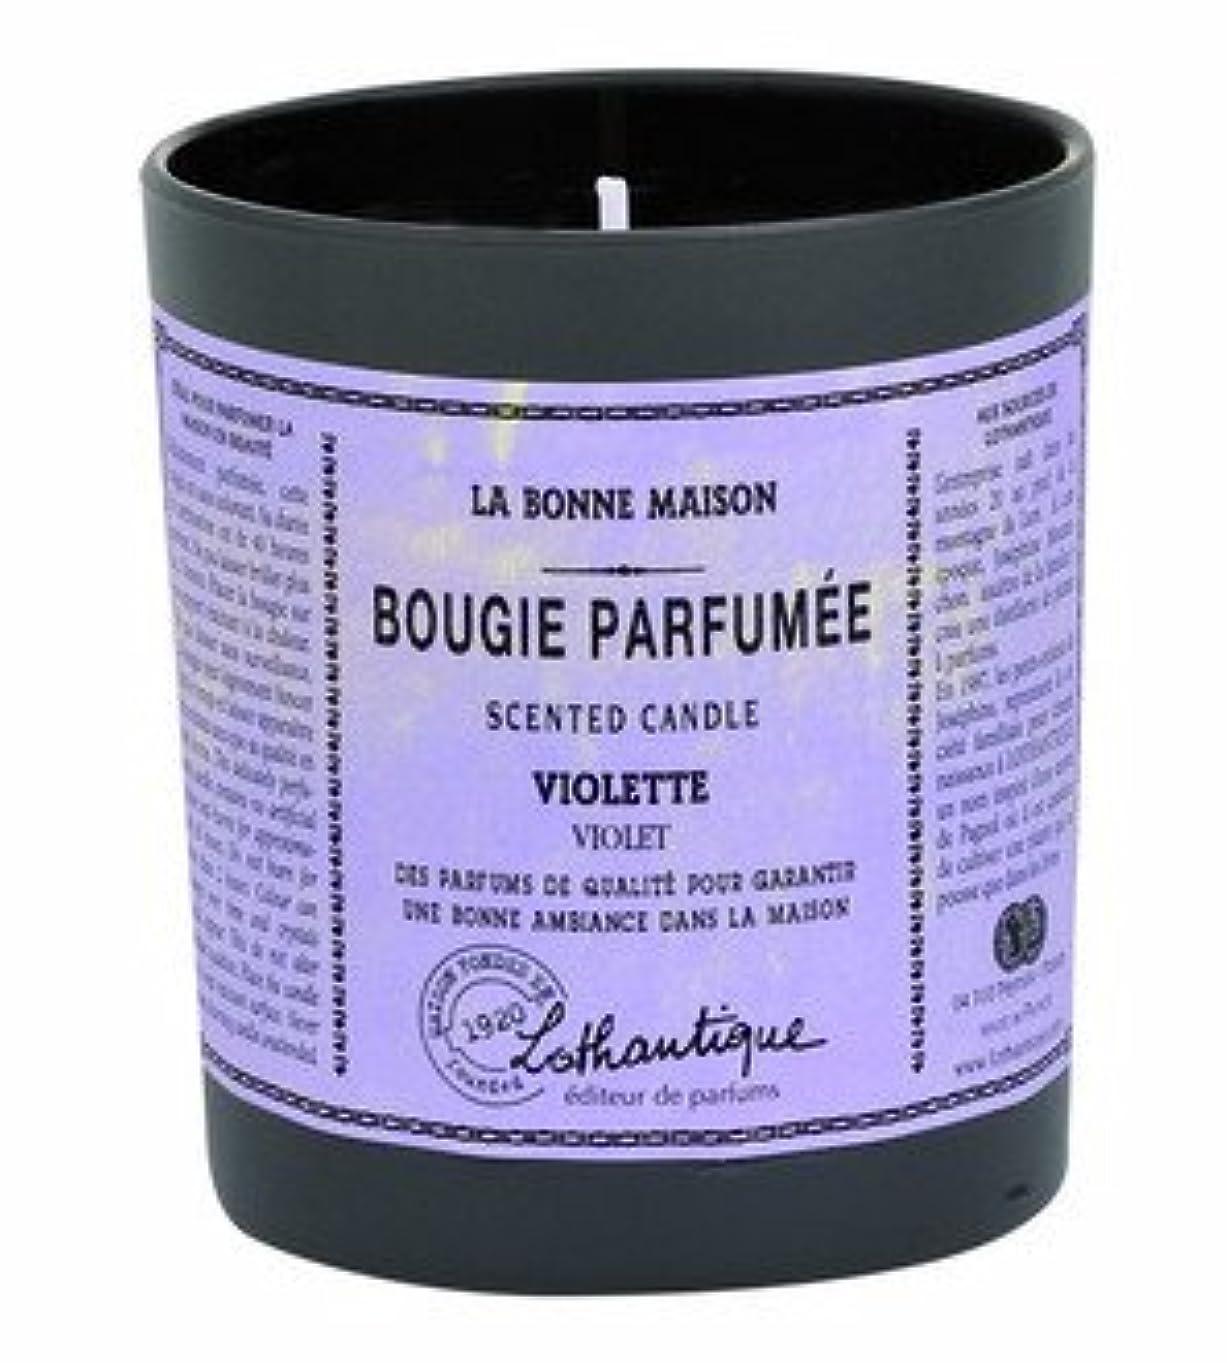 下にページェント追い付くLothantique(ロタンティック) LES Bonne Maison(ボンメゾンシリーズ) グラスキャンドル 160g 「ミモザ」 3420070039422